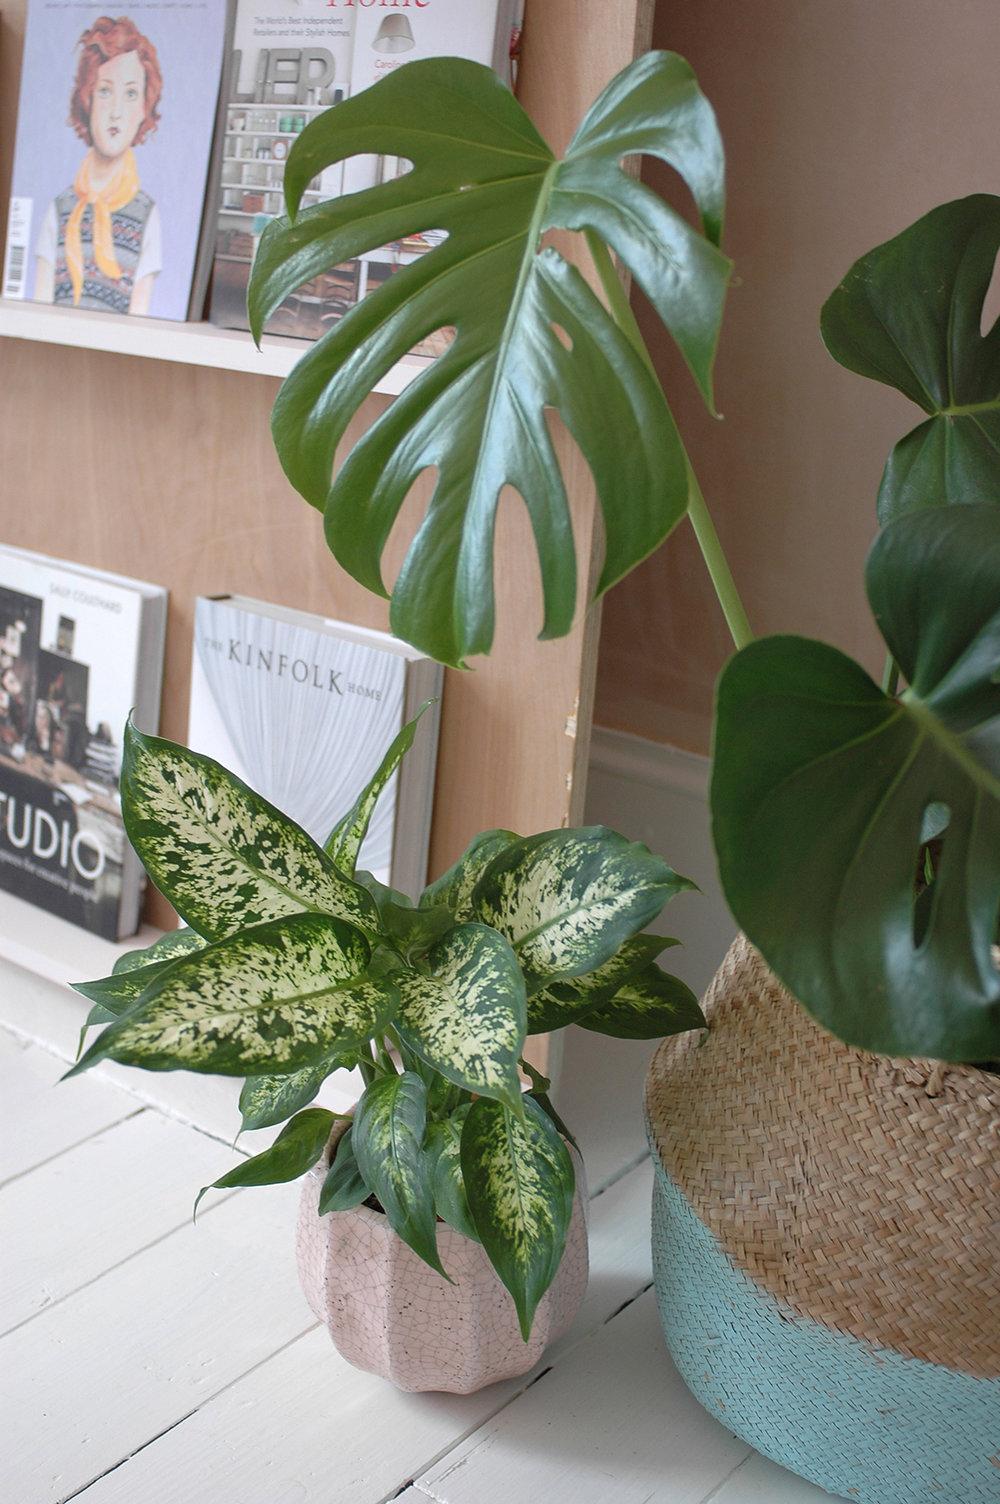 pink plant pot: Anthropologie / Belly basket: Olli Ella